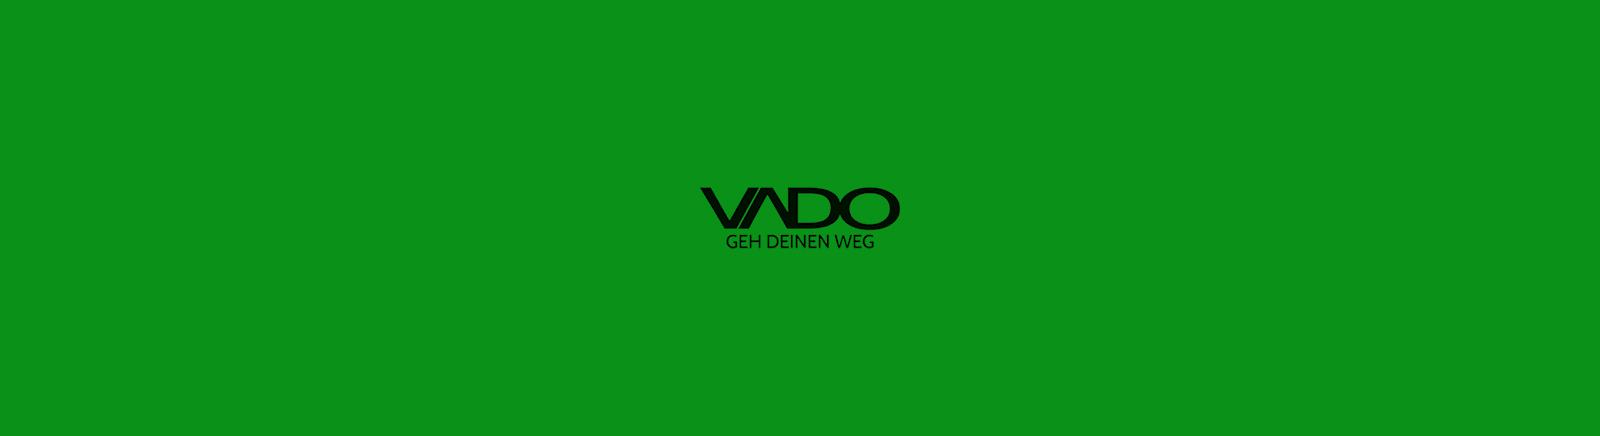 Vado Markenschuhe online kaufen im Shop von GISY